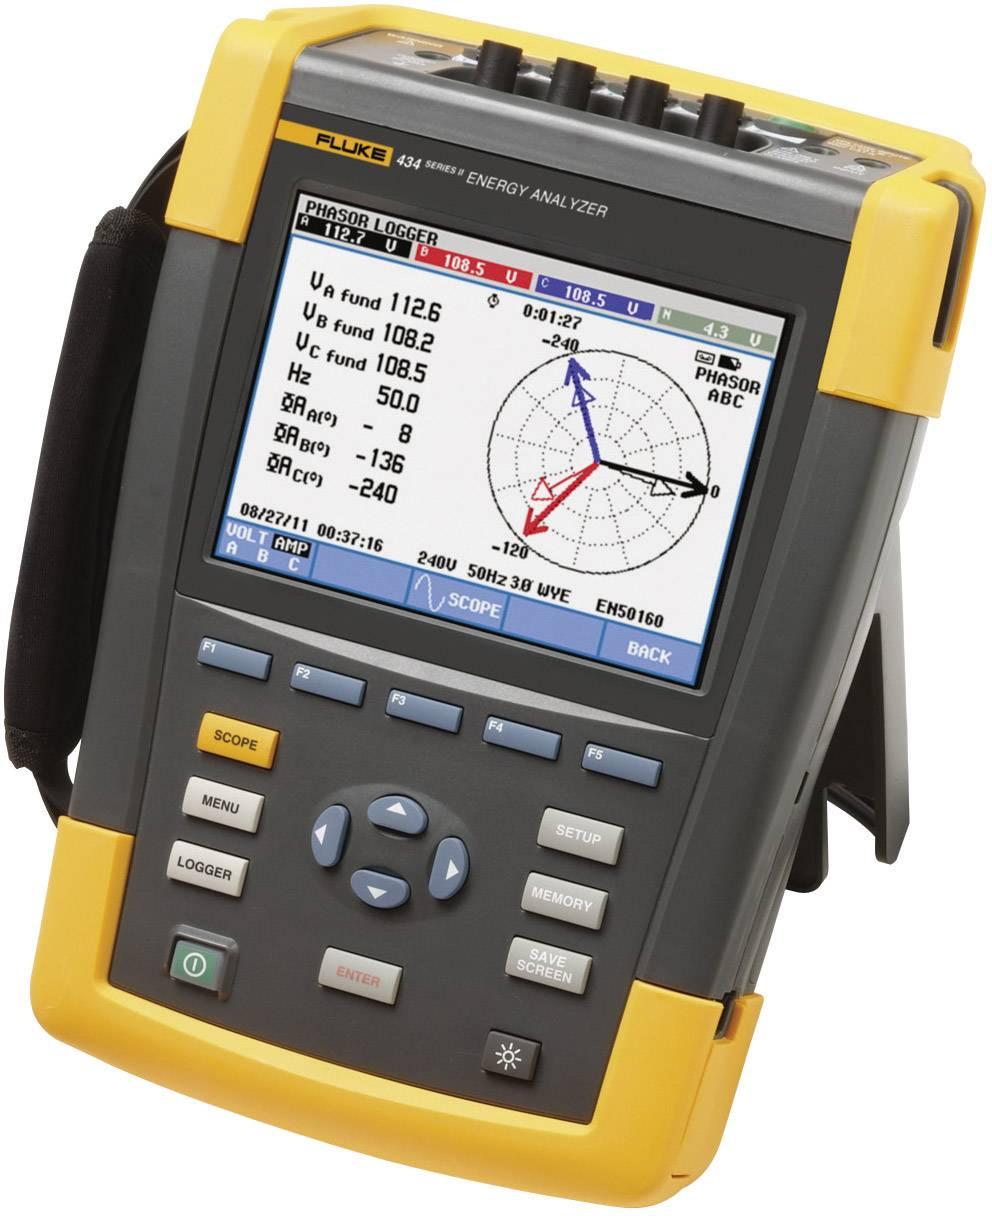 Síťový analyzátor Fluke 434-II/BASIC 4116650, CAT IV 600 V / CAT III 1000 VKalibrováno dle ISO